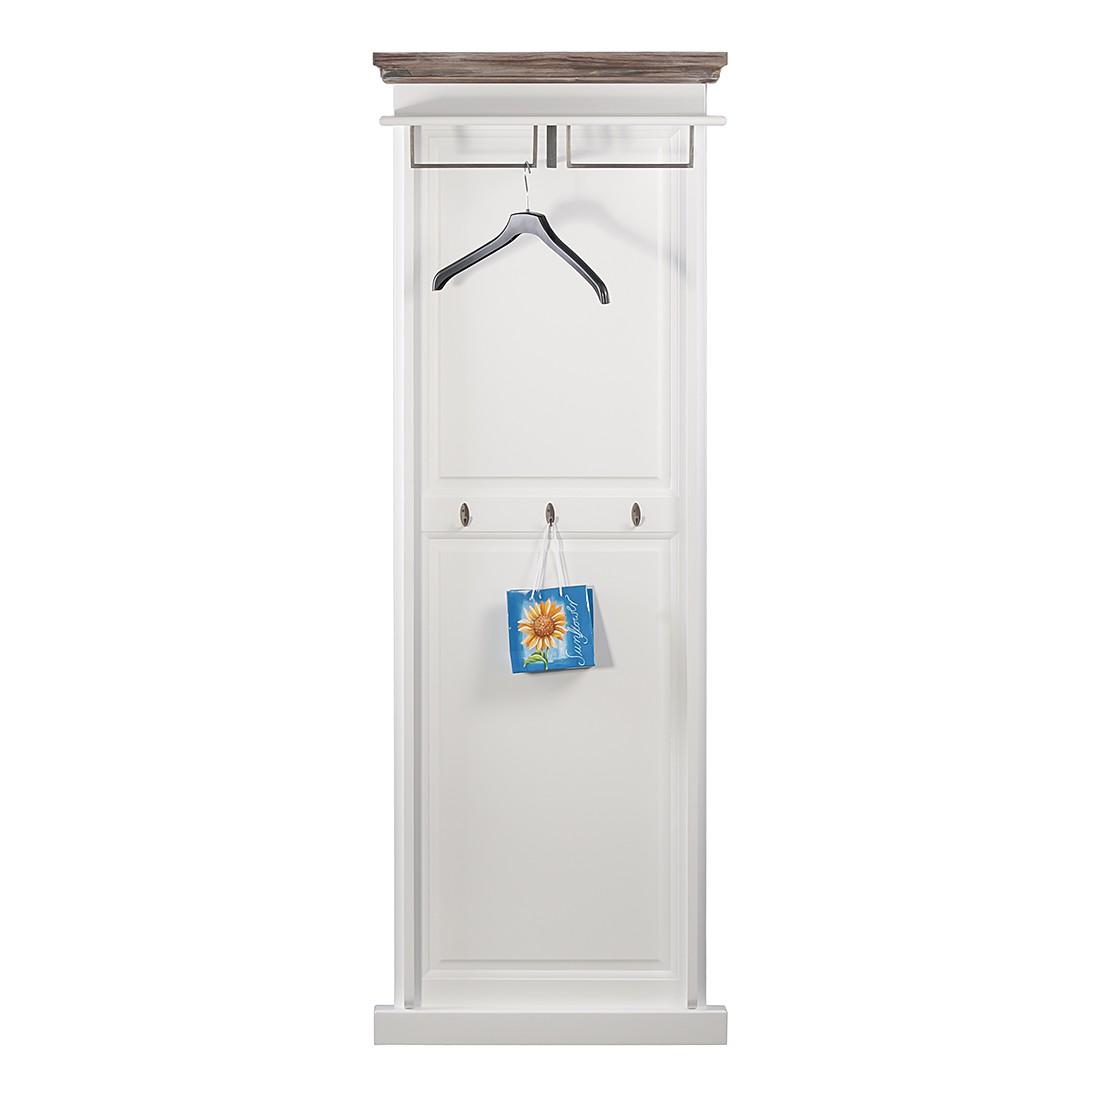 Garderobenpaneel Basilico II – Fichte teilmassiv – Weiß/Graubraun, Maison Belfort online bestellen